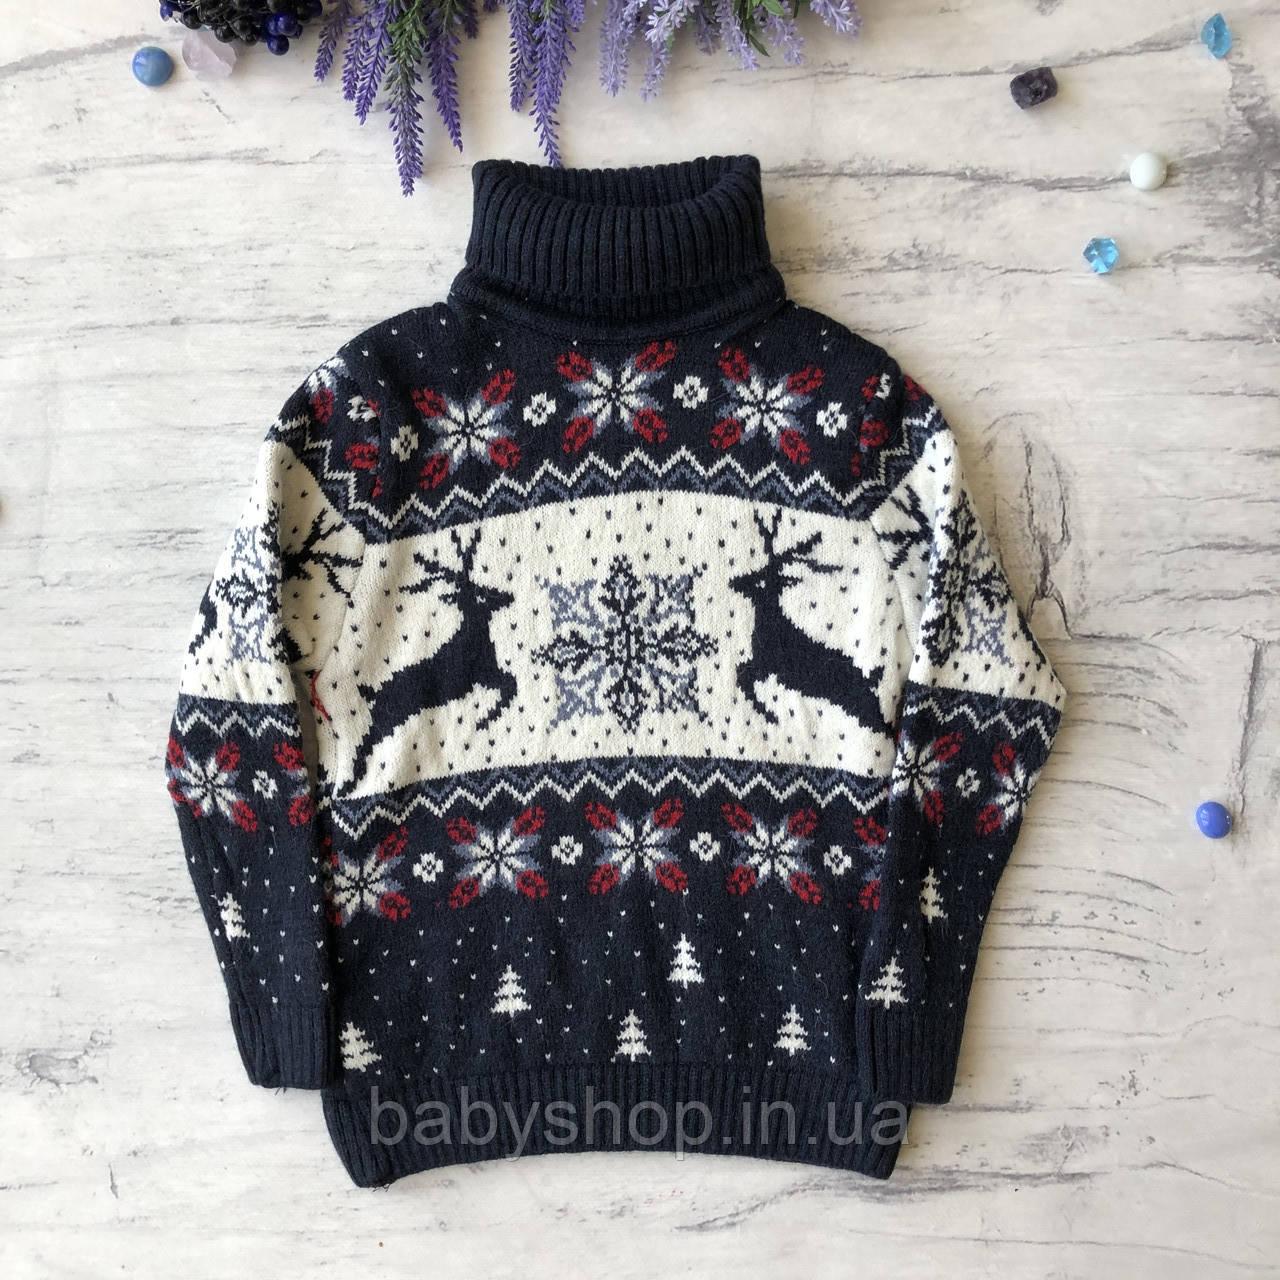 Теплый новогодний свитер на девочку 24. Размер 6 лет, 8 лет